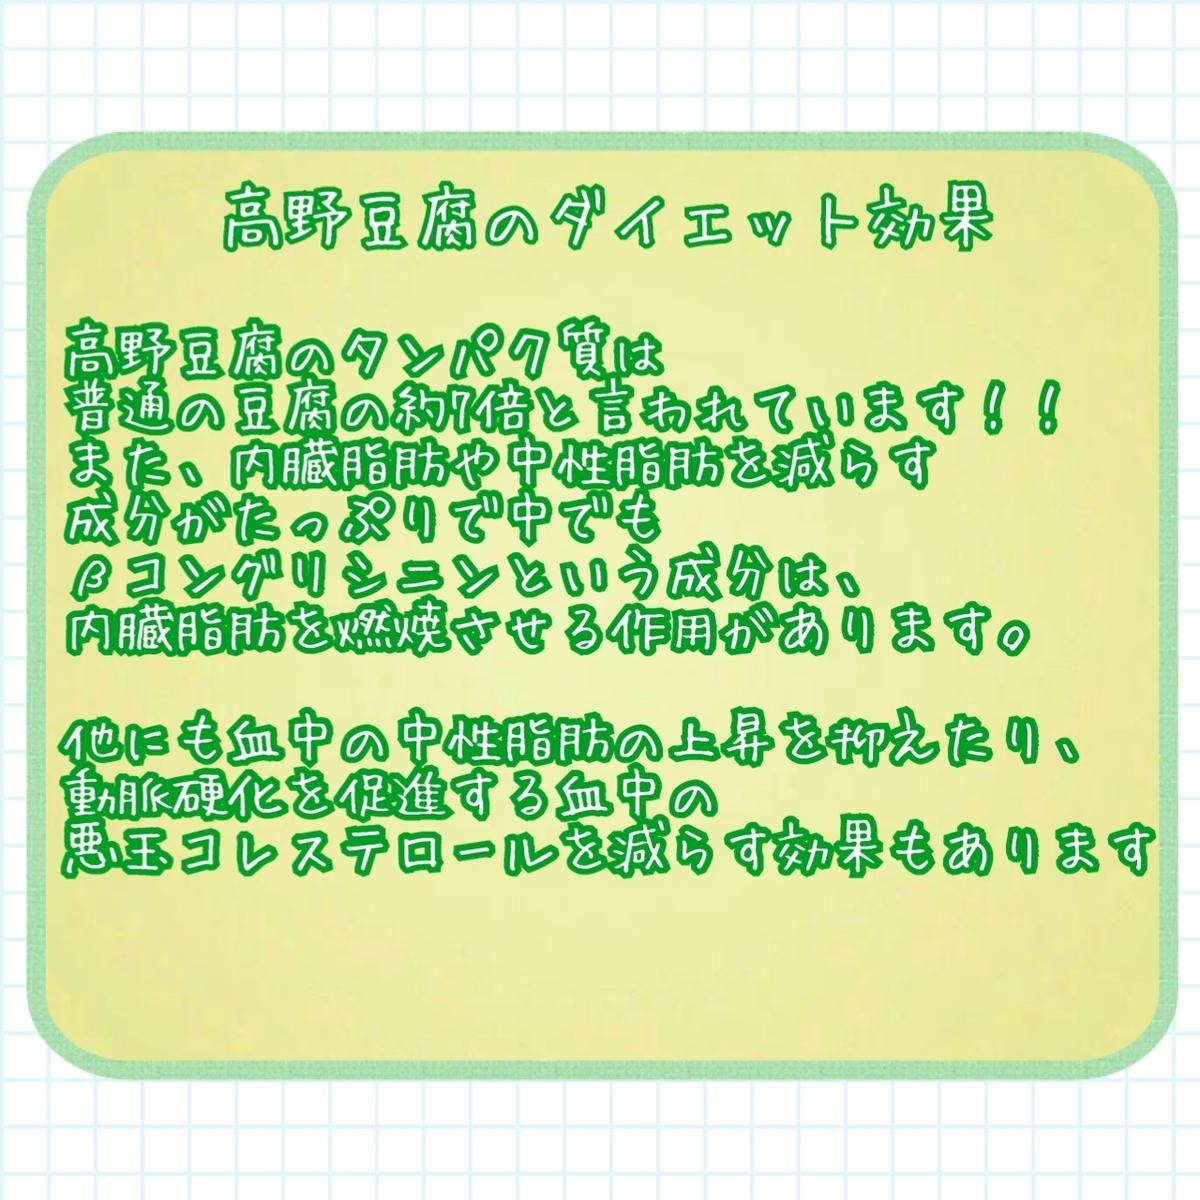 f:id:kked001:20200628100018j:plain